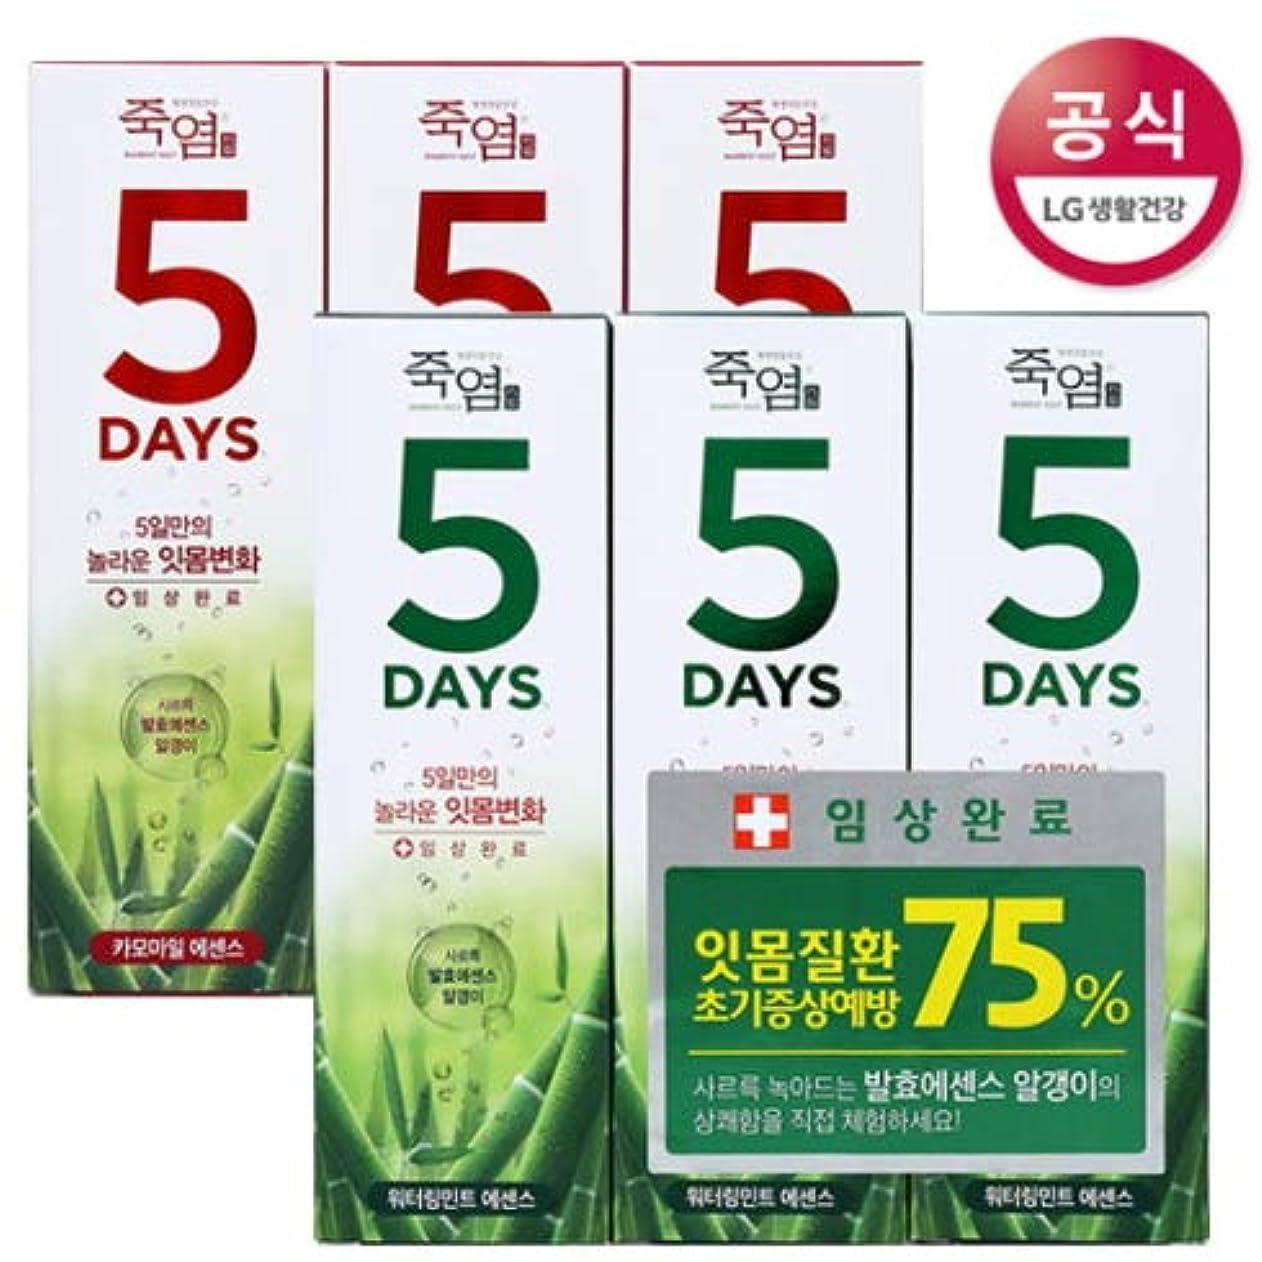 経験的謝罪する十分です[LG HnB] Bamboo Salt 5days Toothpaste /竹塩5days歯磨き粉 100gx6個(海外直送品)